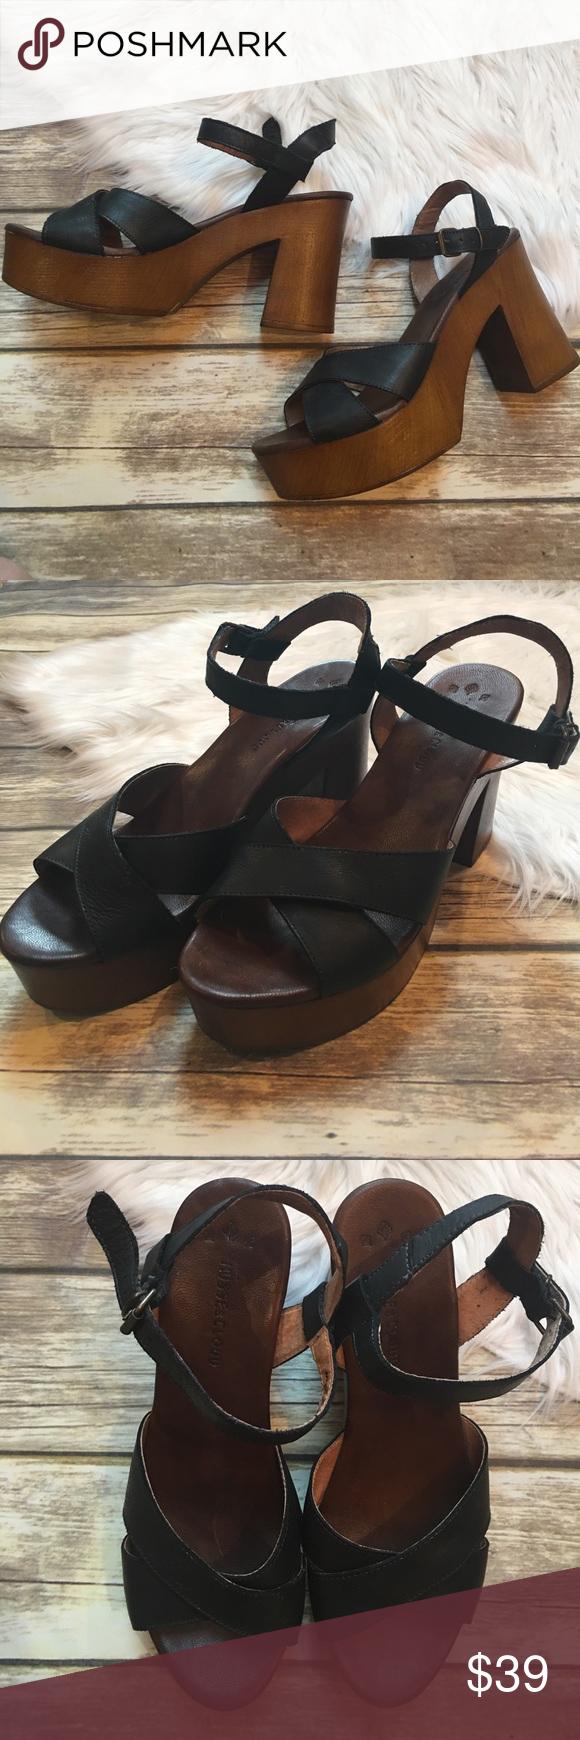 23794acf8ef3 Musse   Cloud Miley Platform Sandals Black leather straps with wooden  platform and heel. Platform